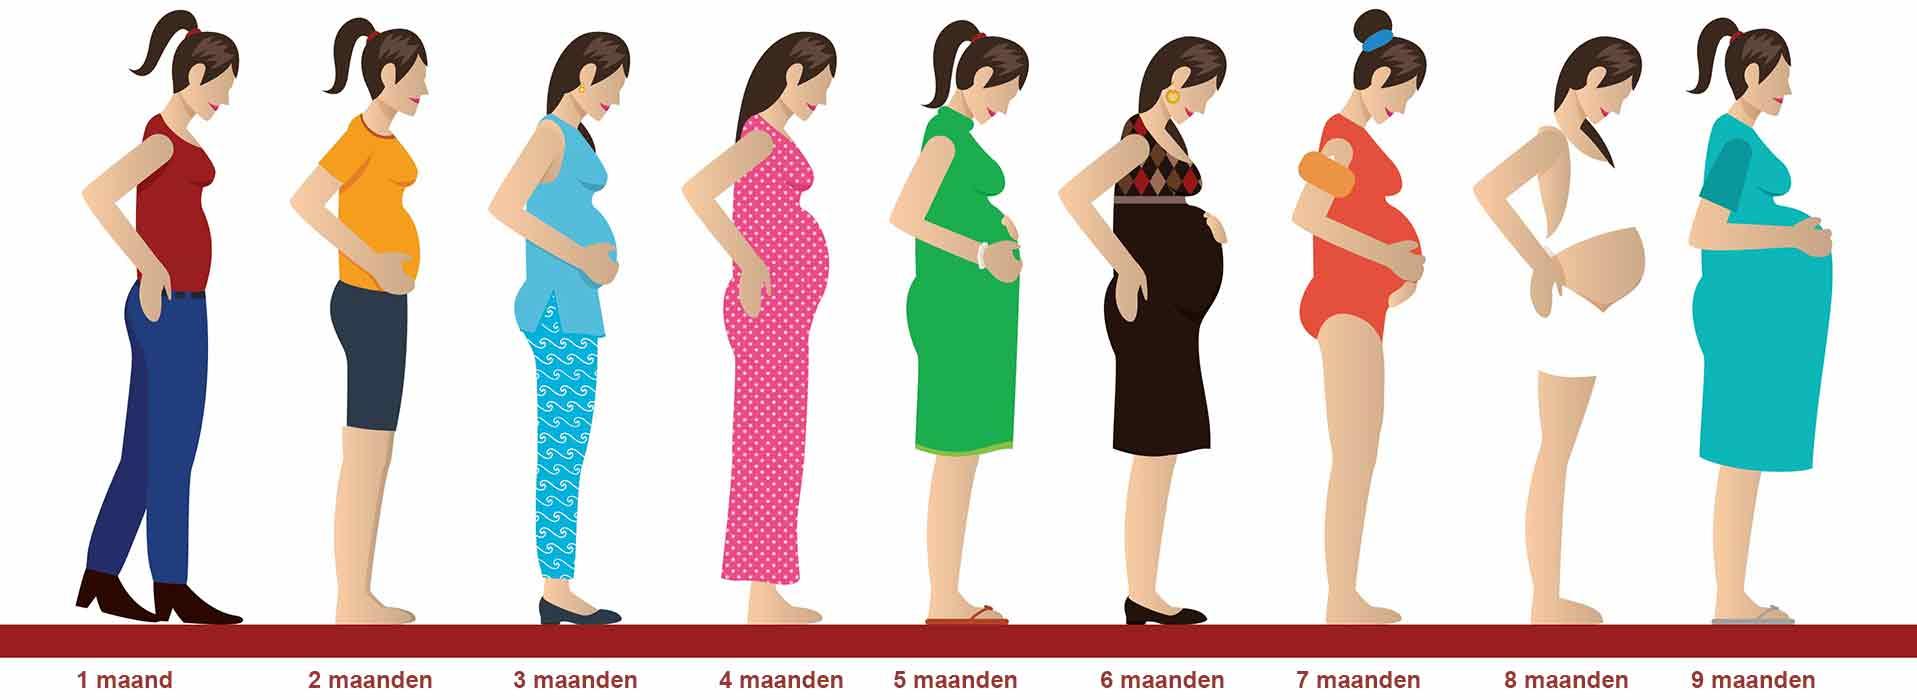 Hoeveel weken zwanger